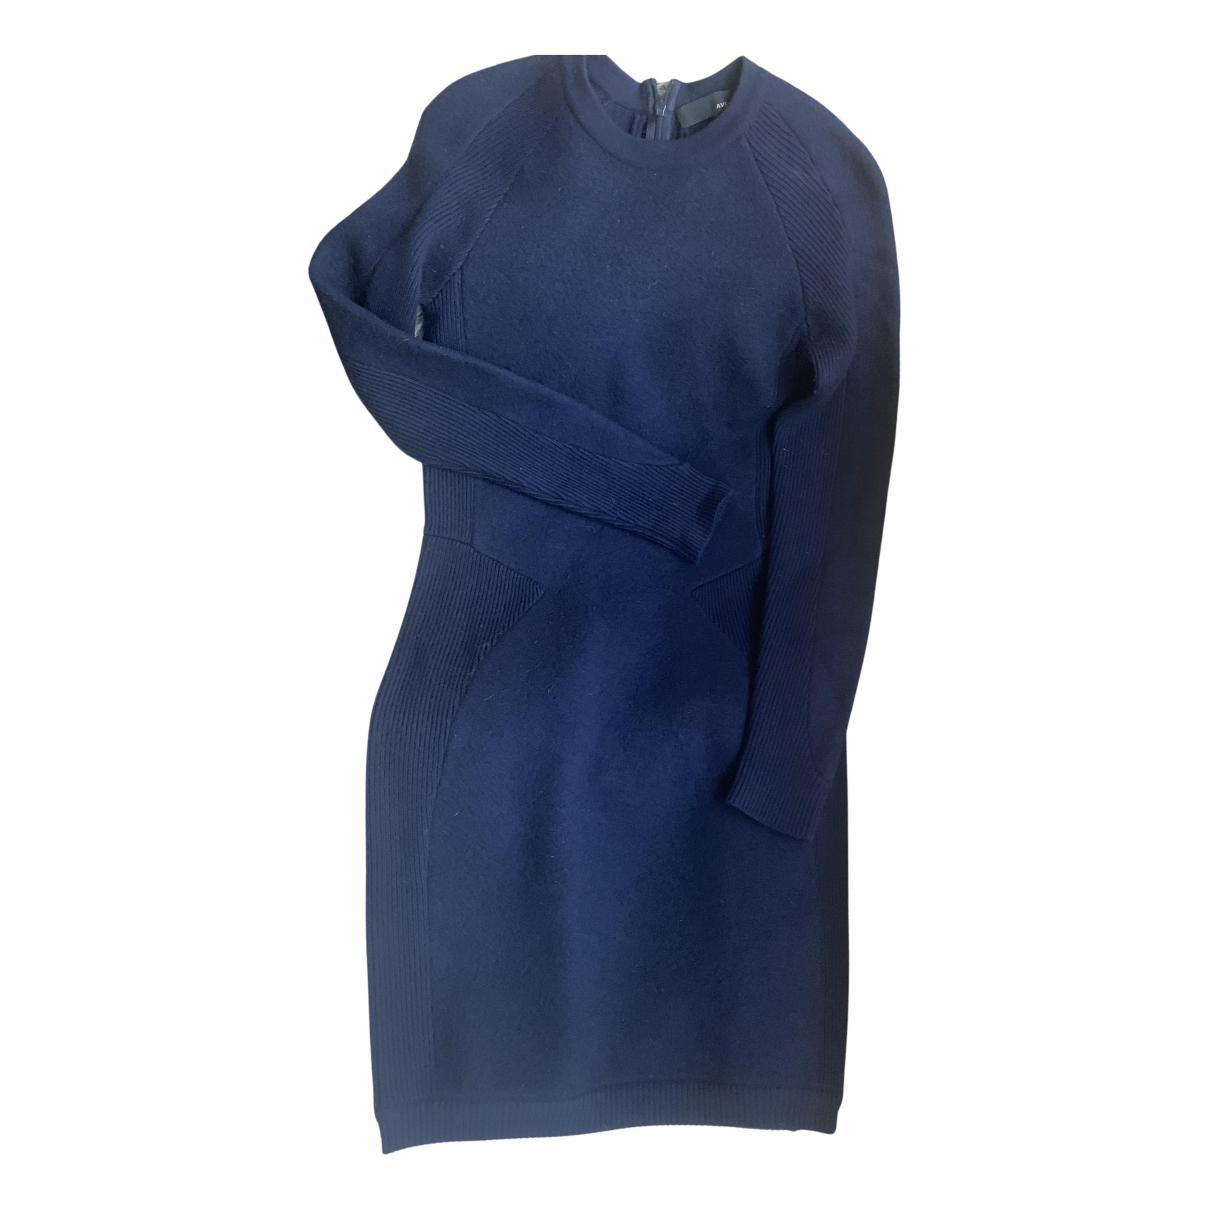 Avelon \N Kleid in  Blau Wolle